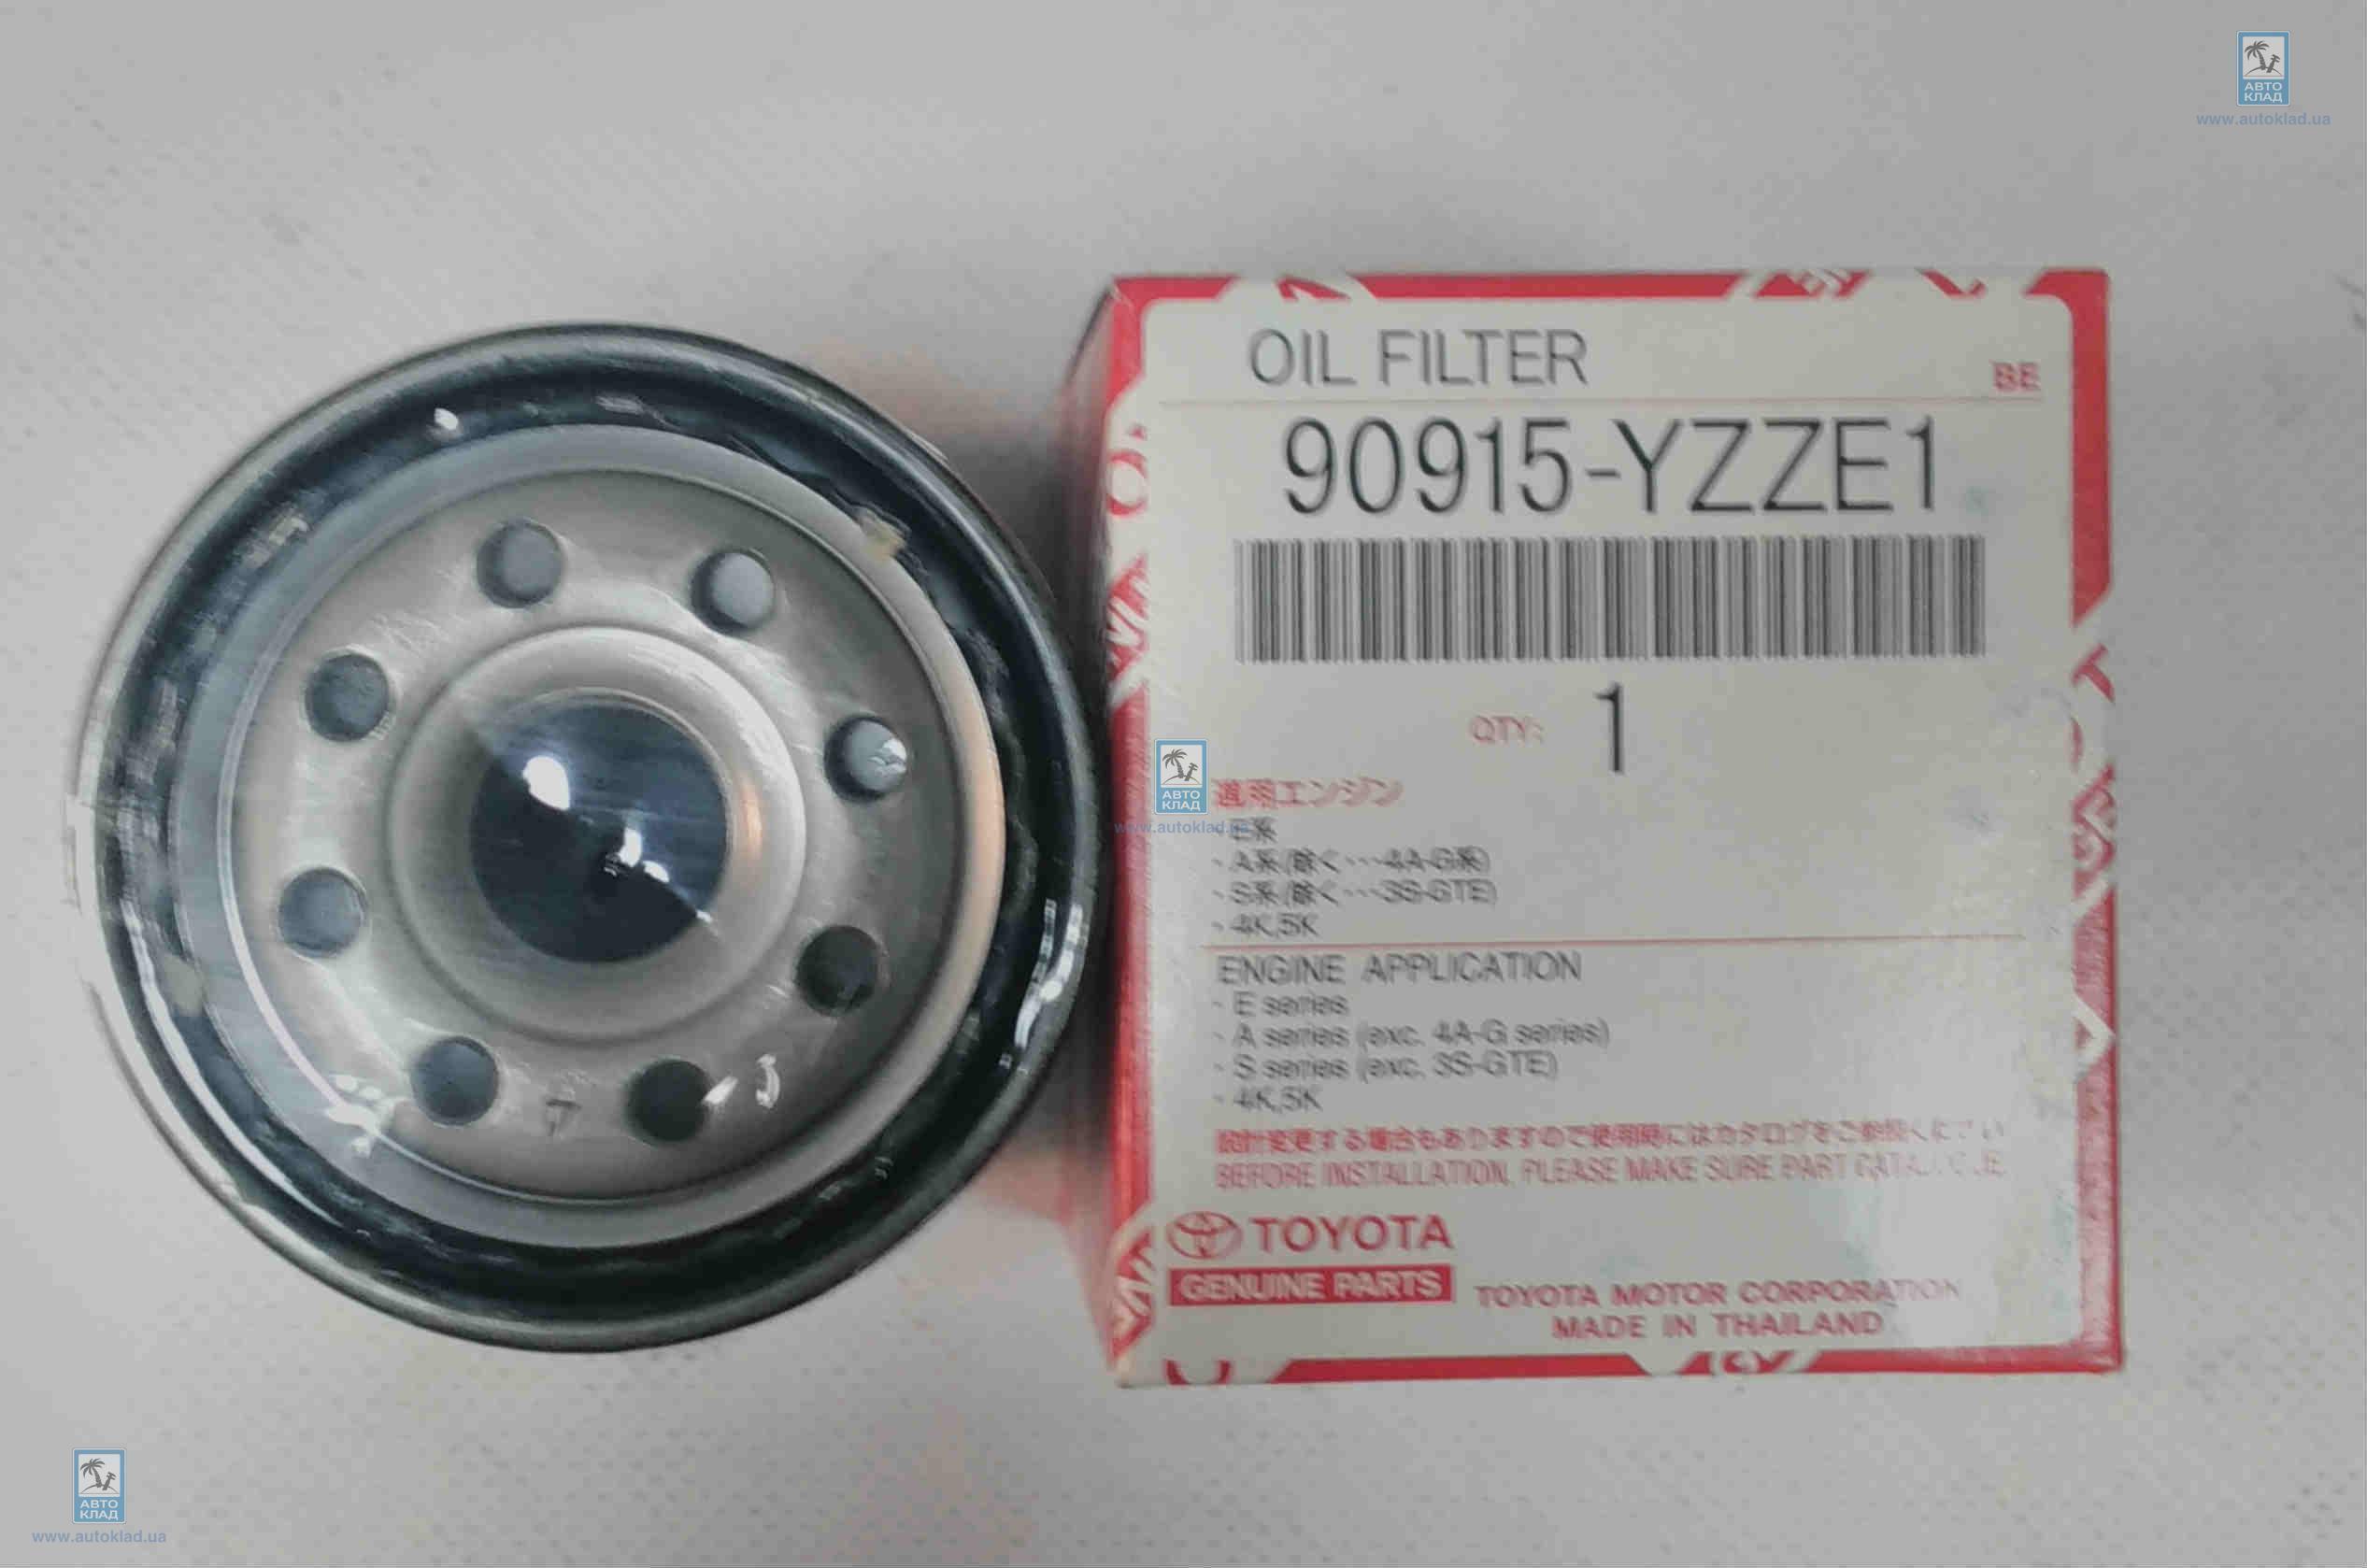 Фильтр масляный TOYOTA 90915-YZZE1: цена